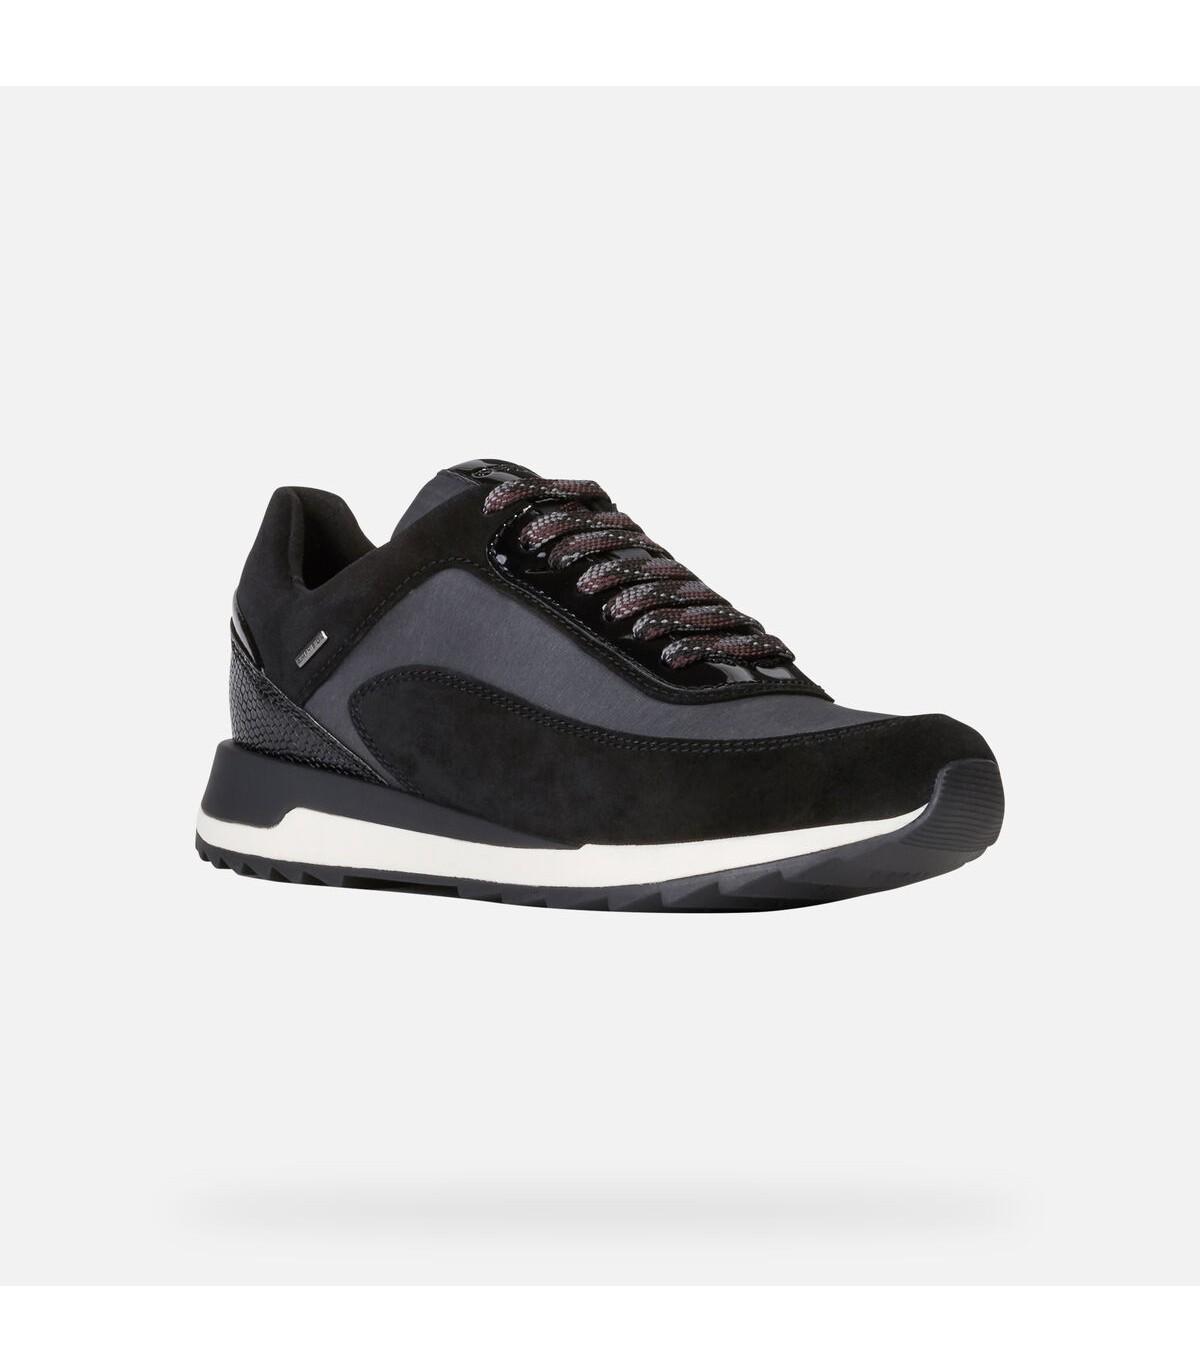 zapatos geox oto�o invierno 2019 gris